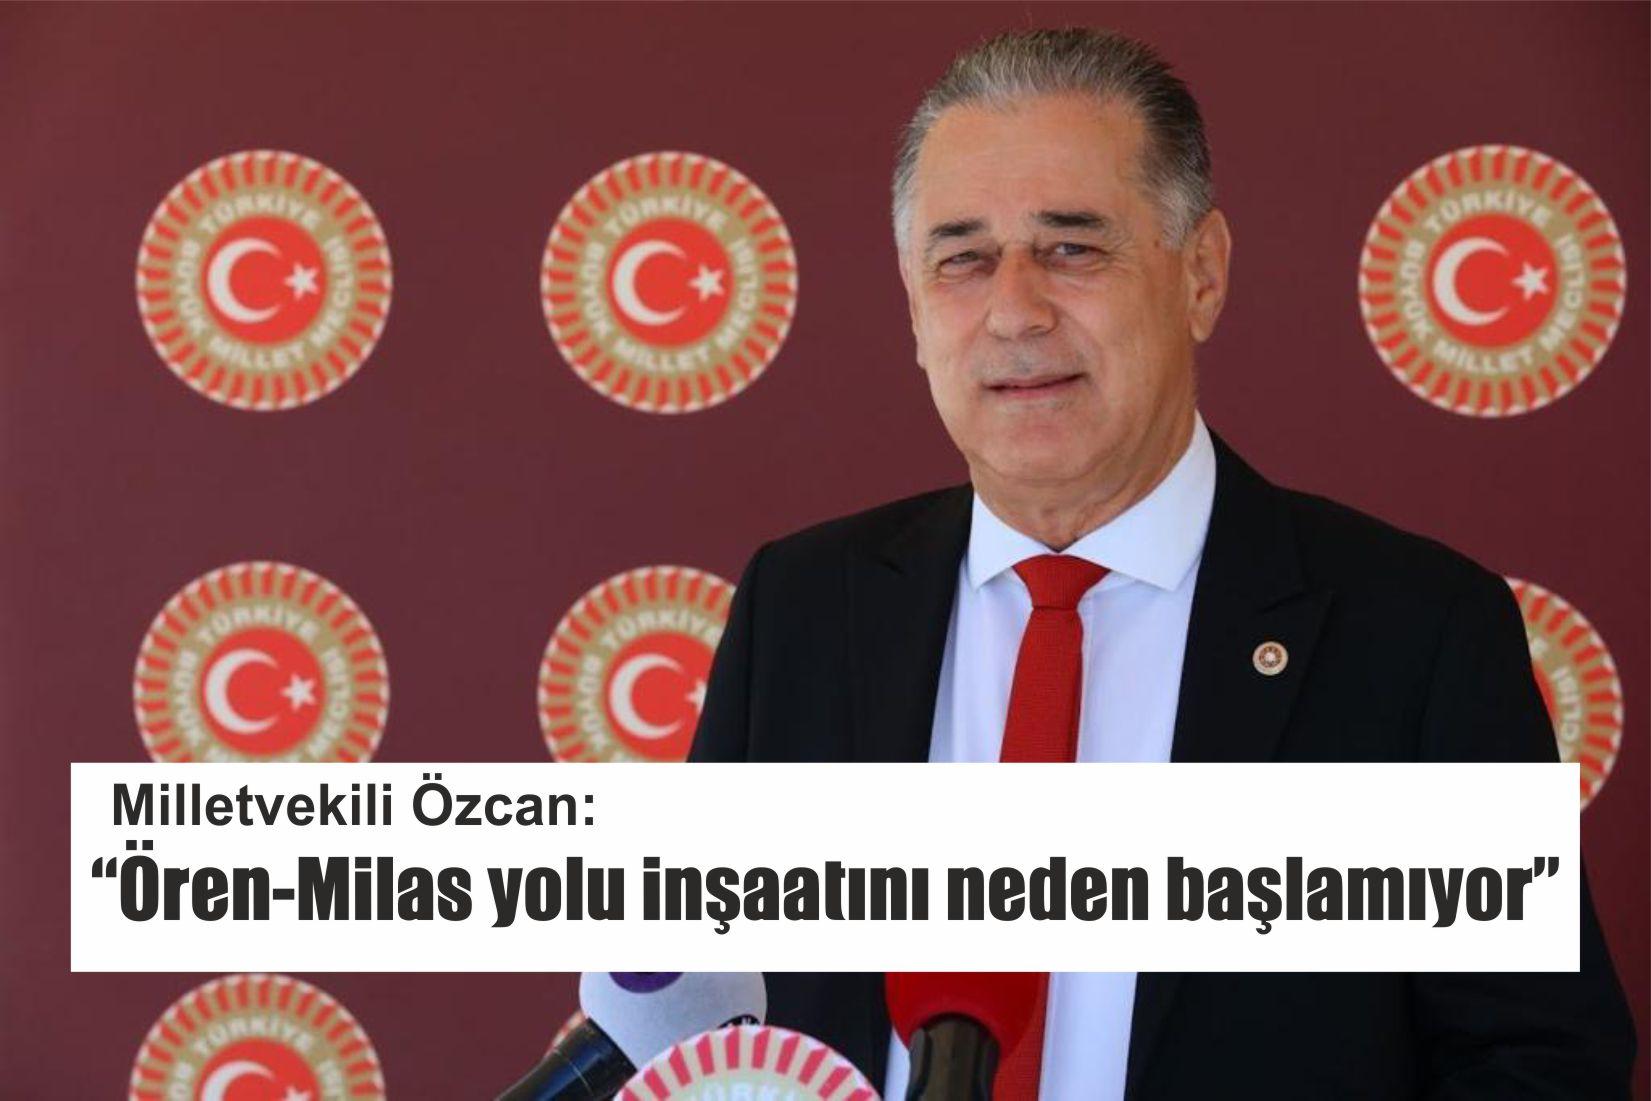 """Milletvekili Özcan: """"Ören-Milas yolu inşaatını neden başlamıyor"""""""